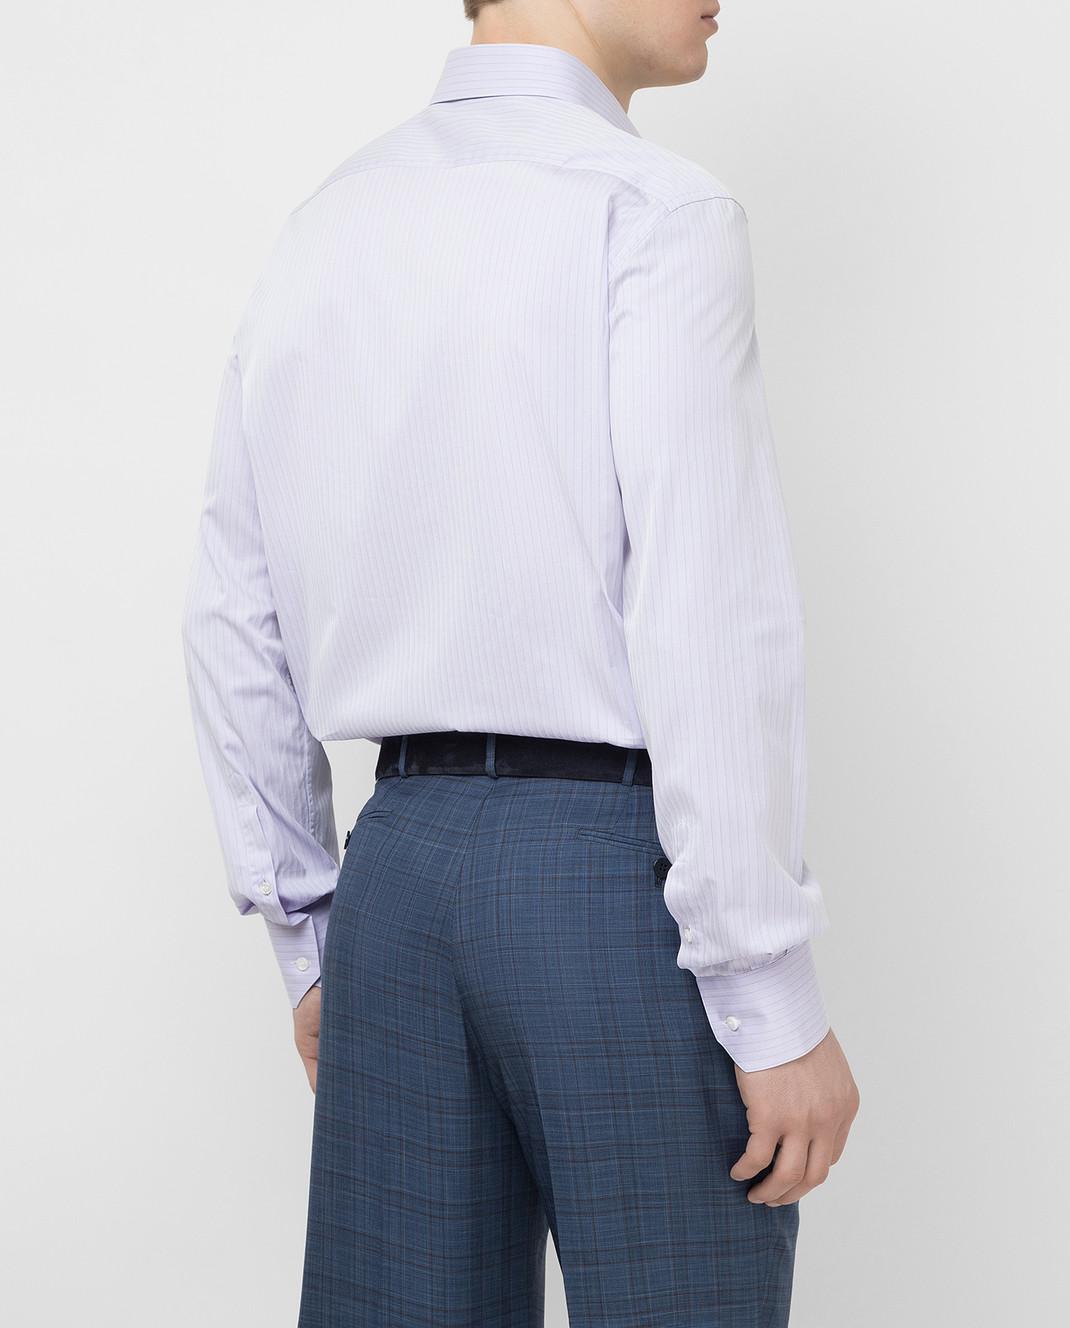 Stefano Ricci Сиреневая рубашка MC000540L1812 изображение 4